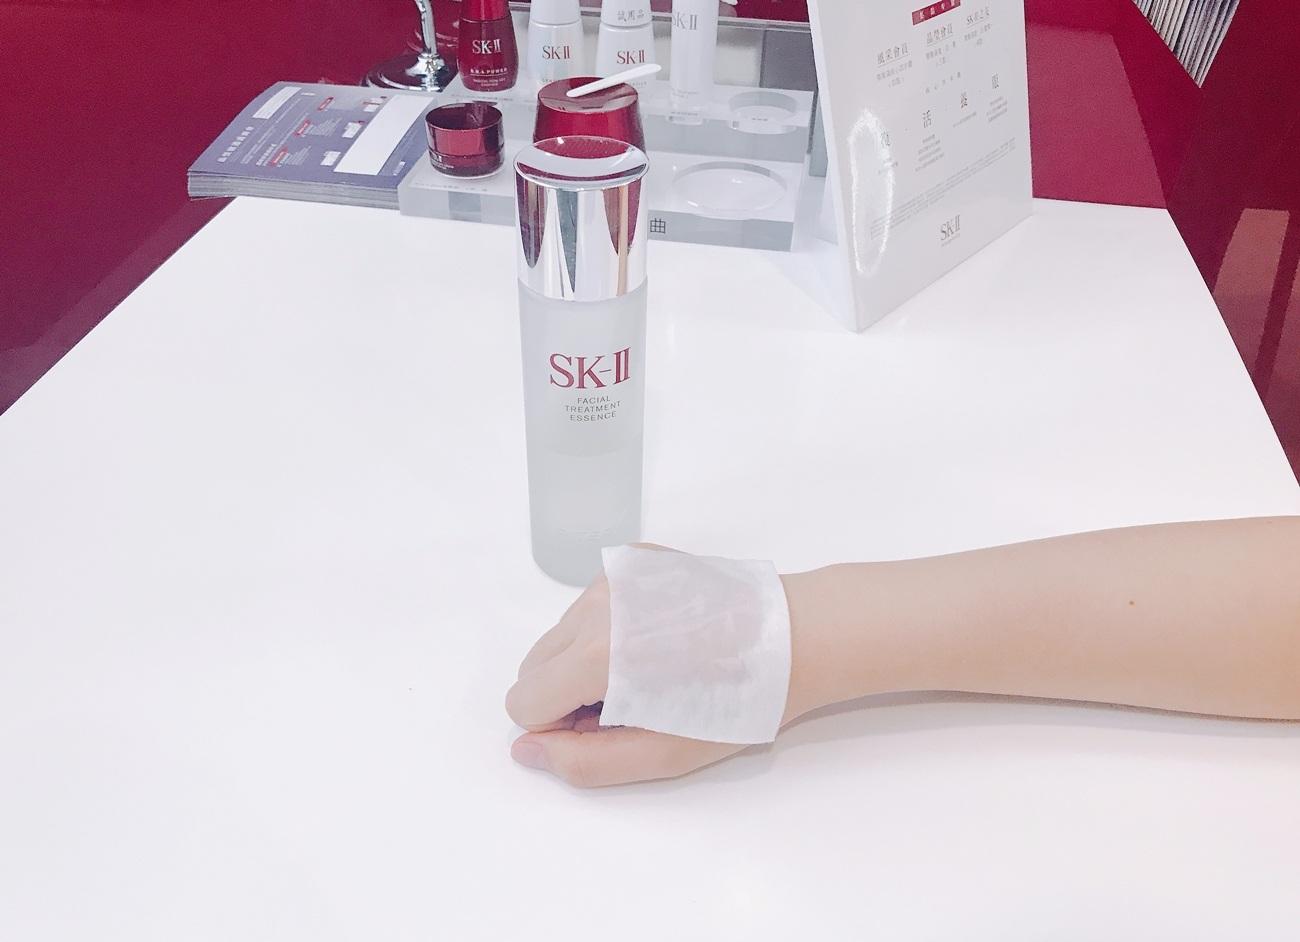 另外也推薦以濕敷的方式使用,肌膚會立刻變得非常柔嫩、細緻!